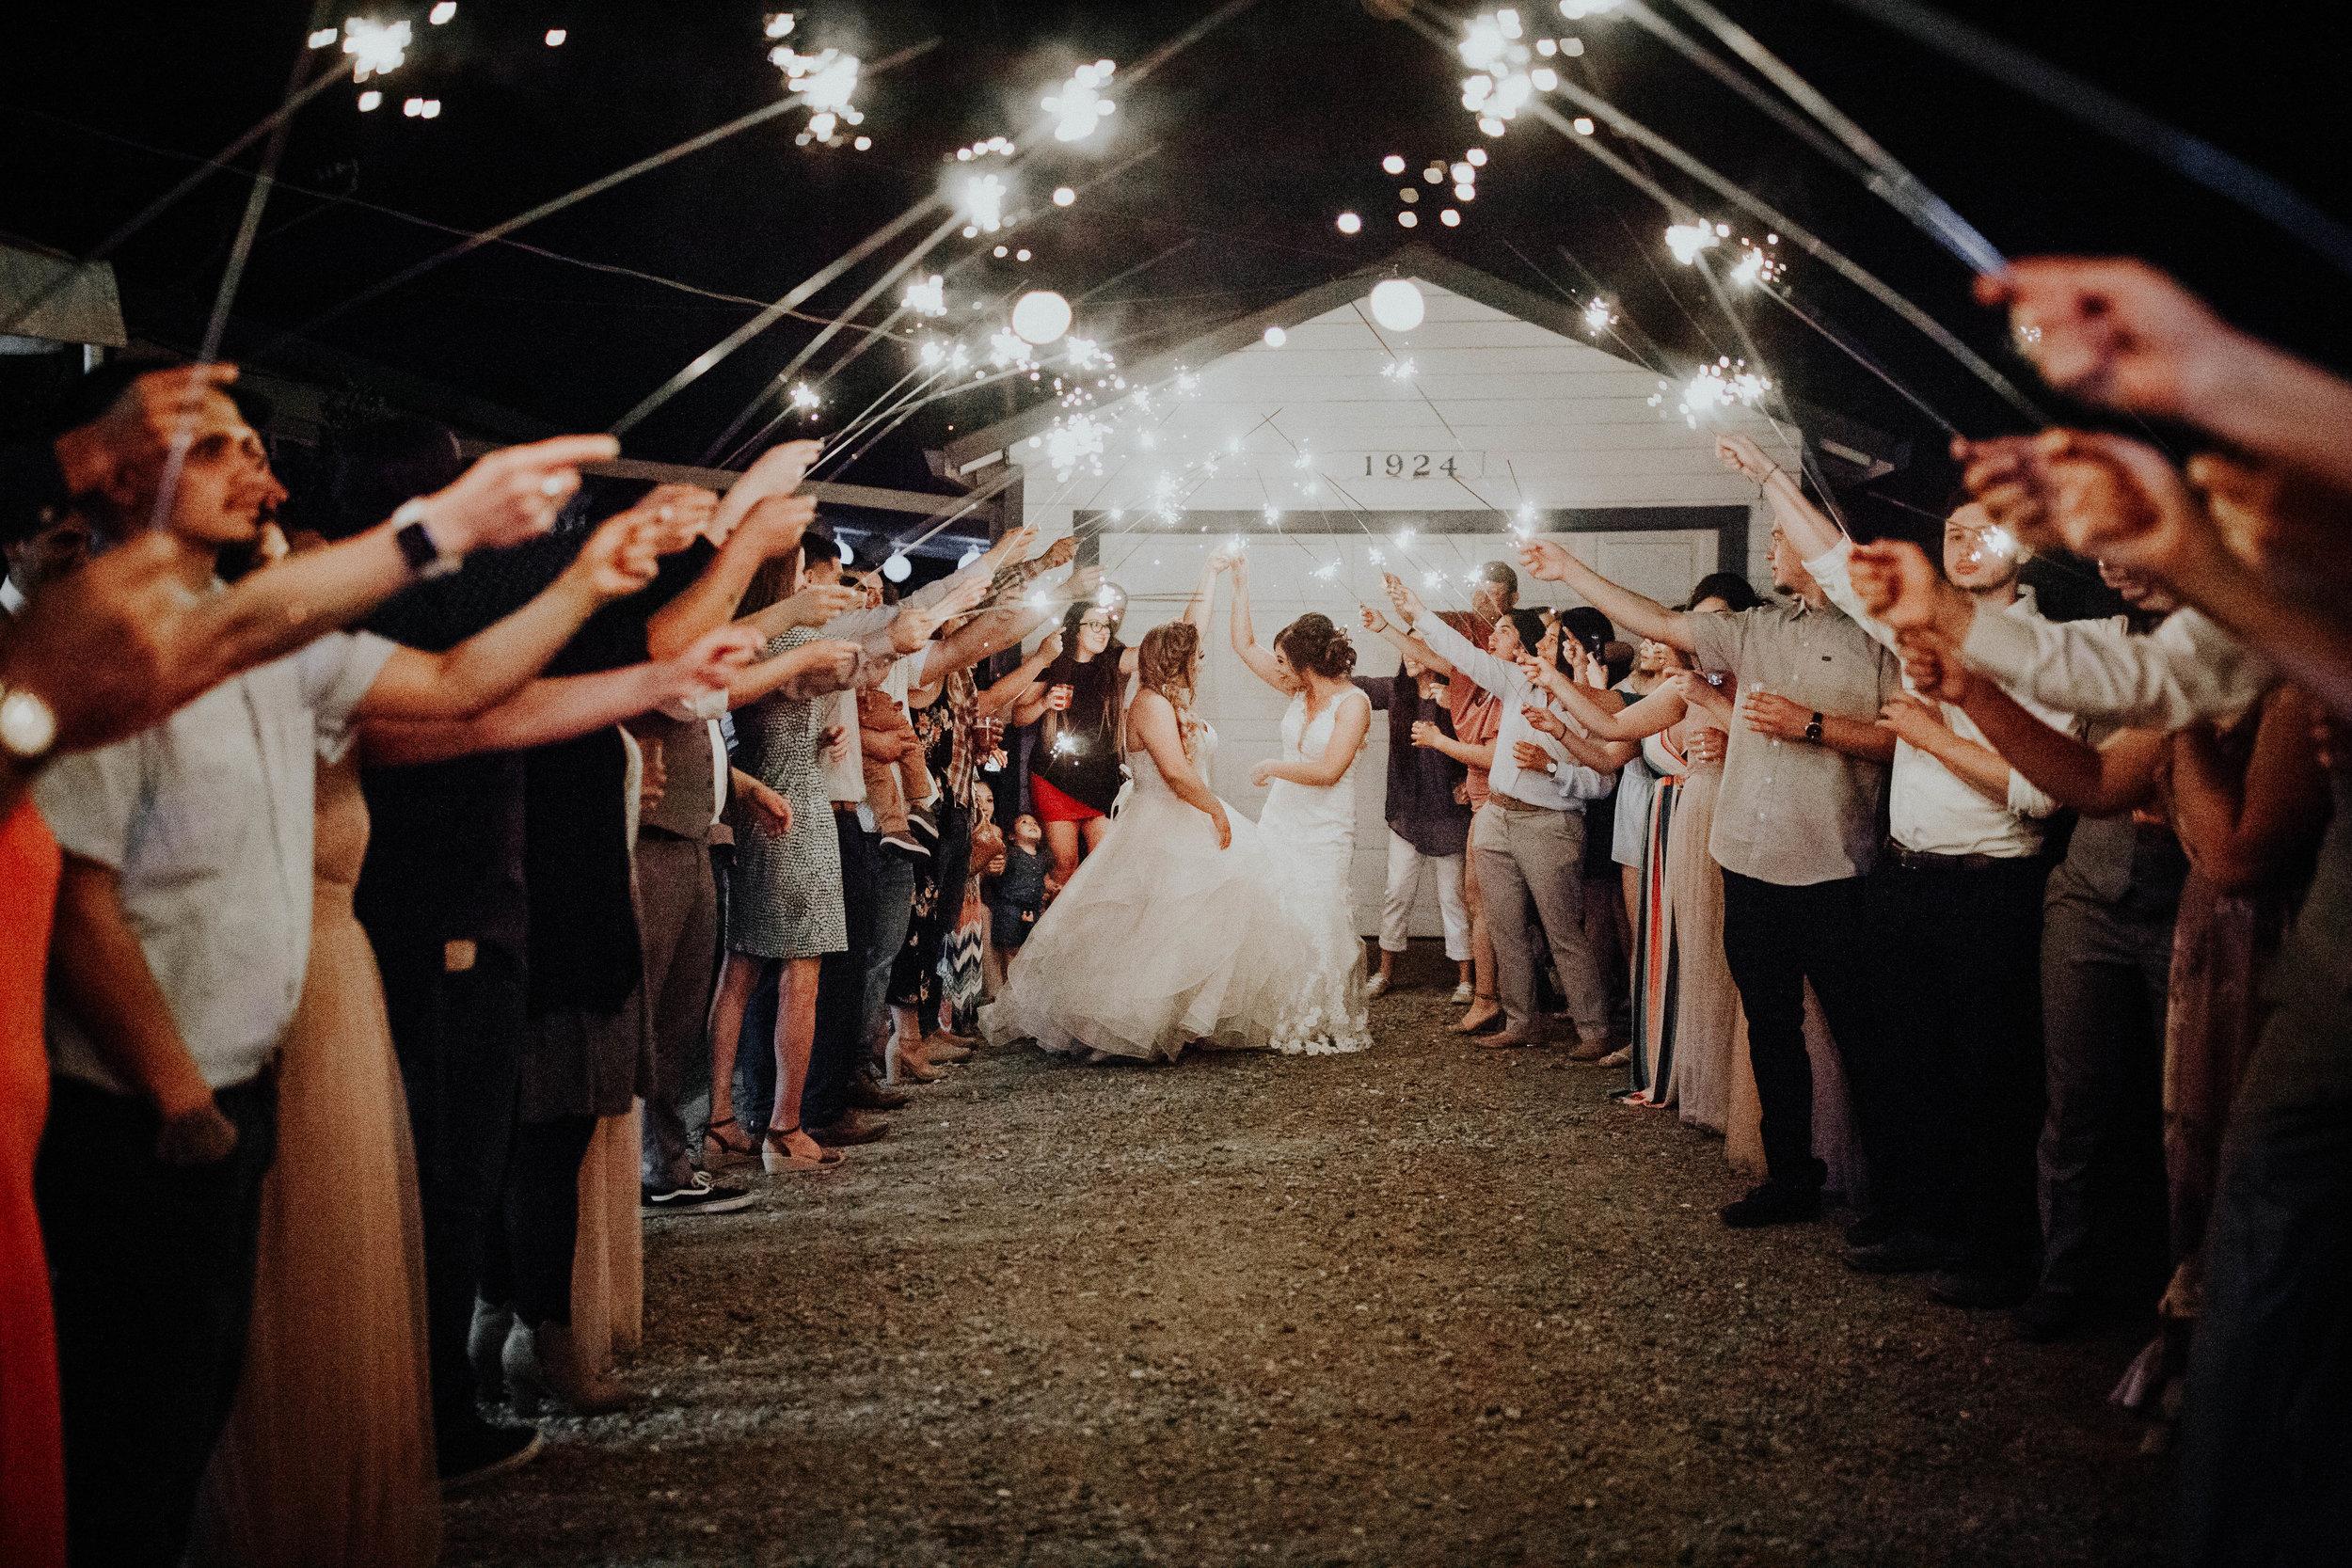 Kelsee&Yudith'sbackyardintimatewedding(588of646).jpg